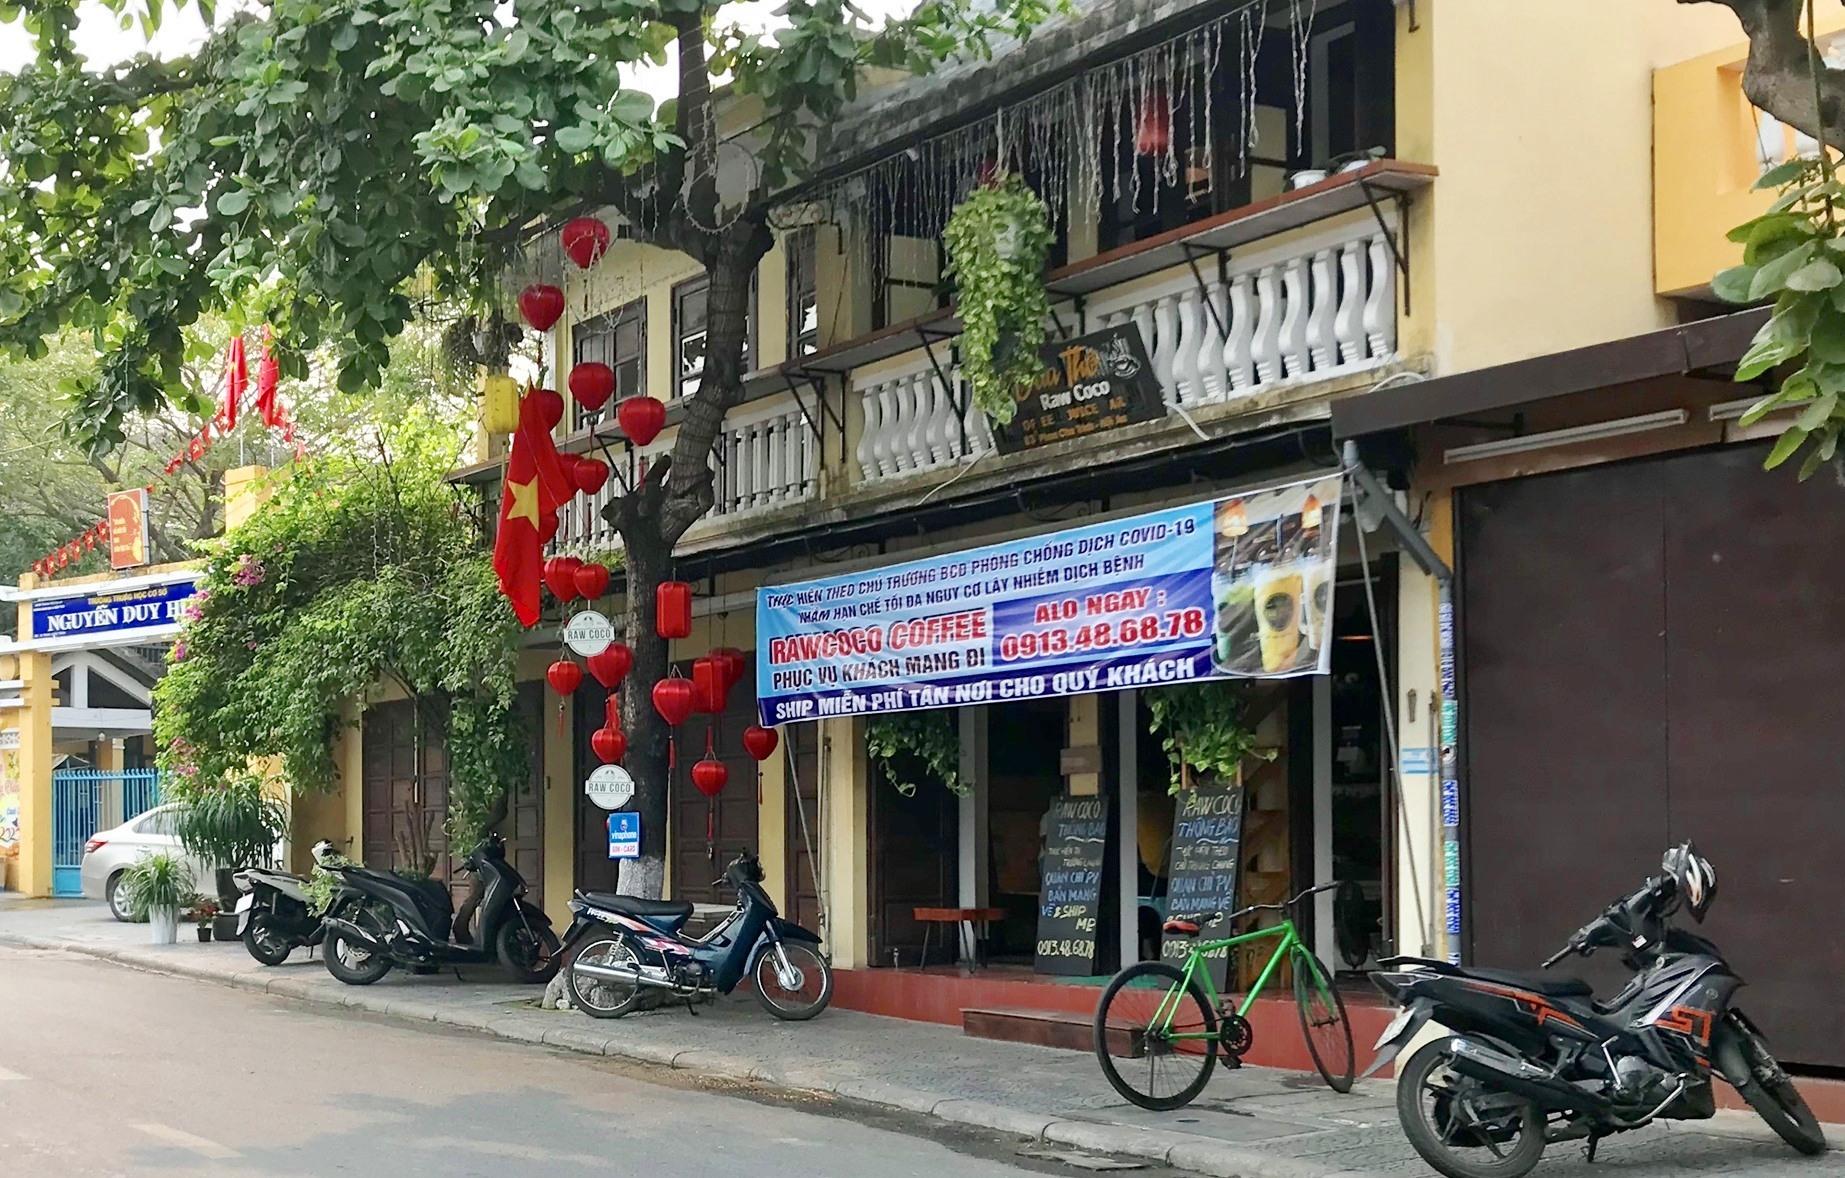 Một quán cà phê chỉ bán cho khách mang đi trên đường Phan Châu Trinh, TP.Hội An. Ảnh: Q.T